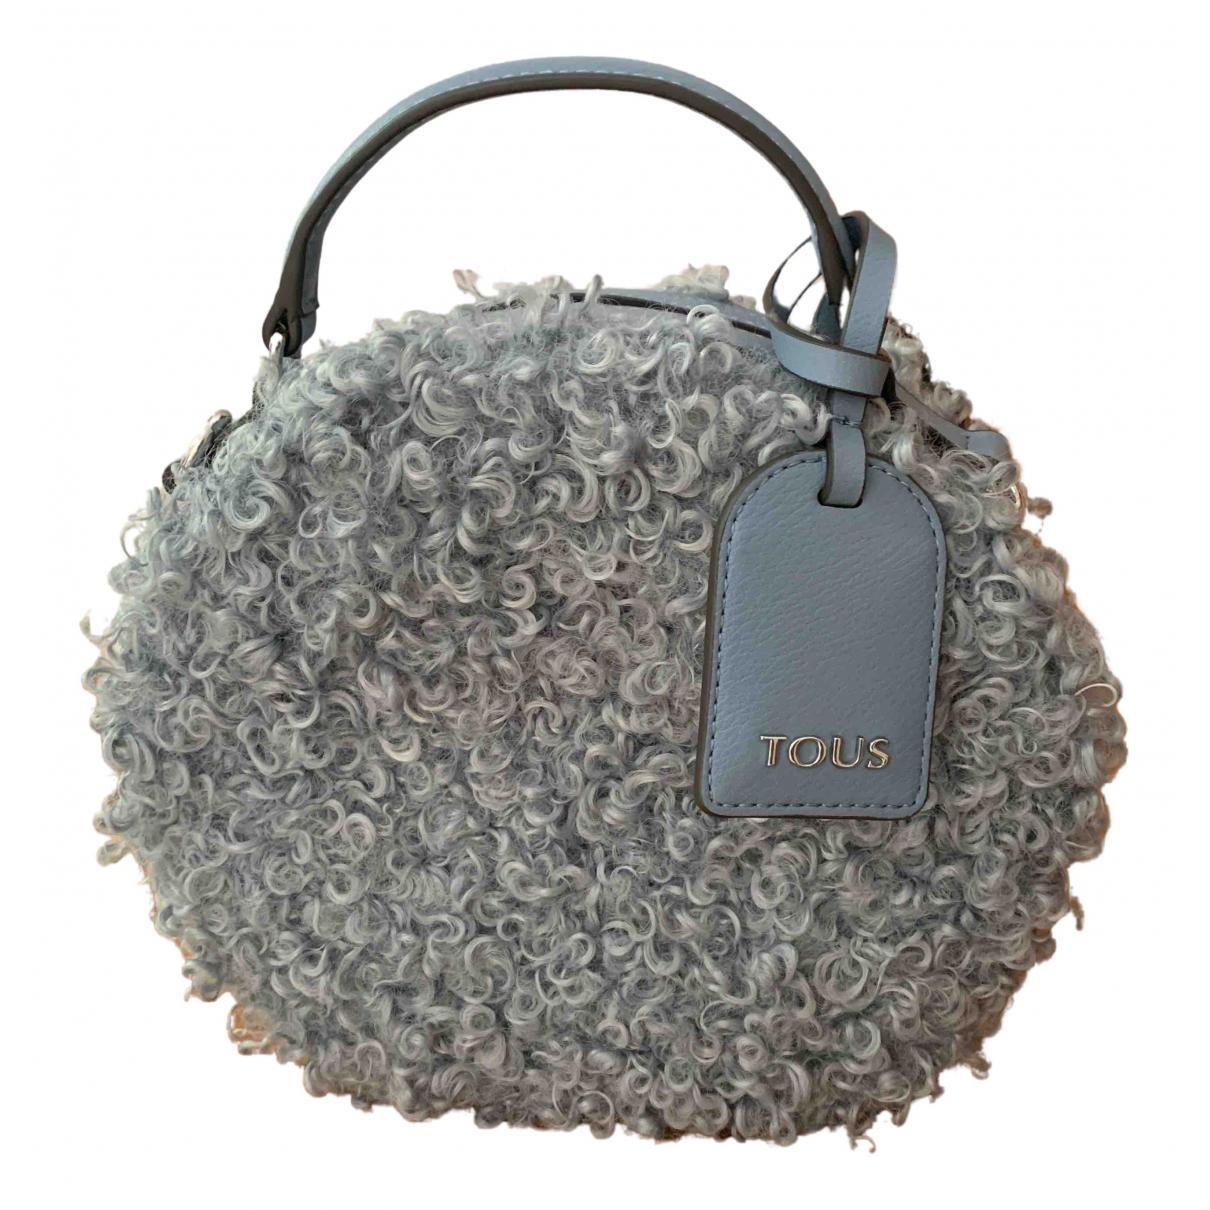 Atelier Tous \N Handtasche in  Blau Schaf